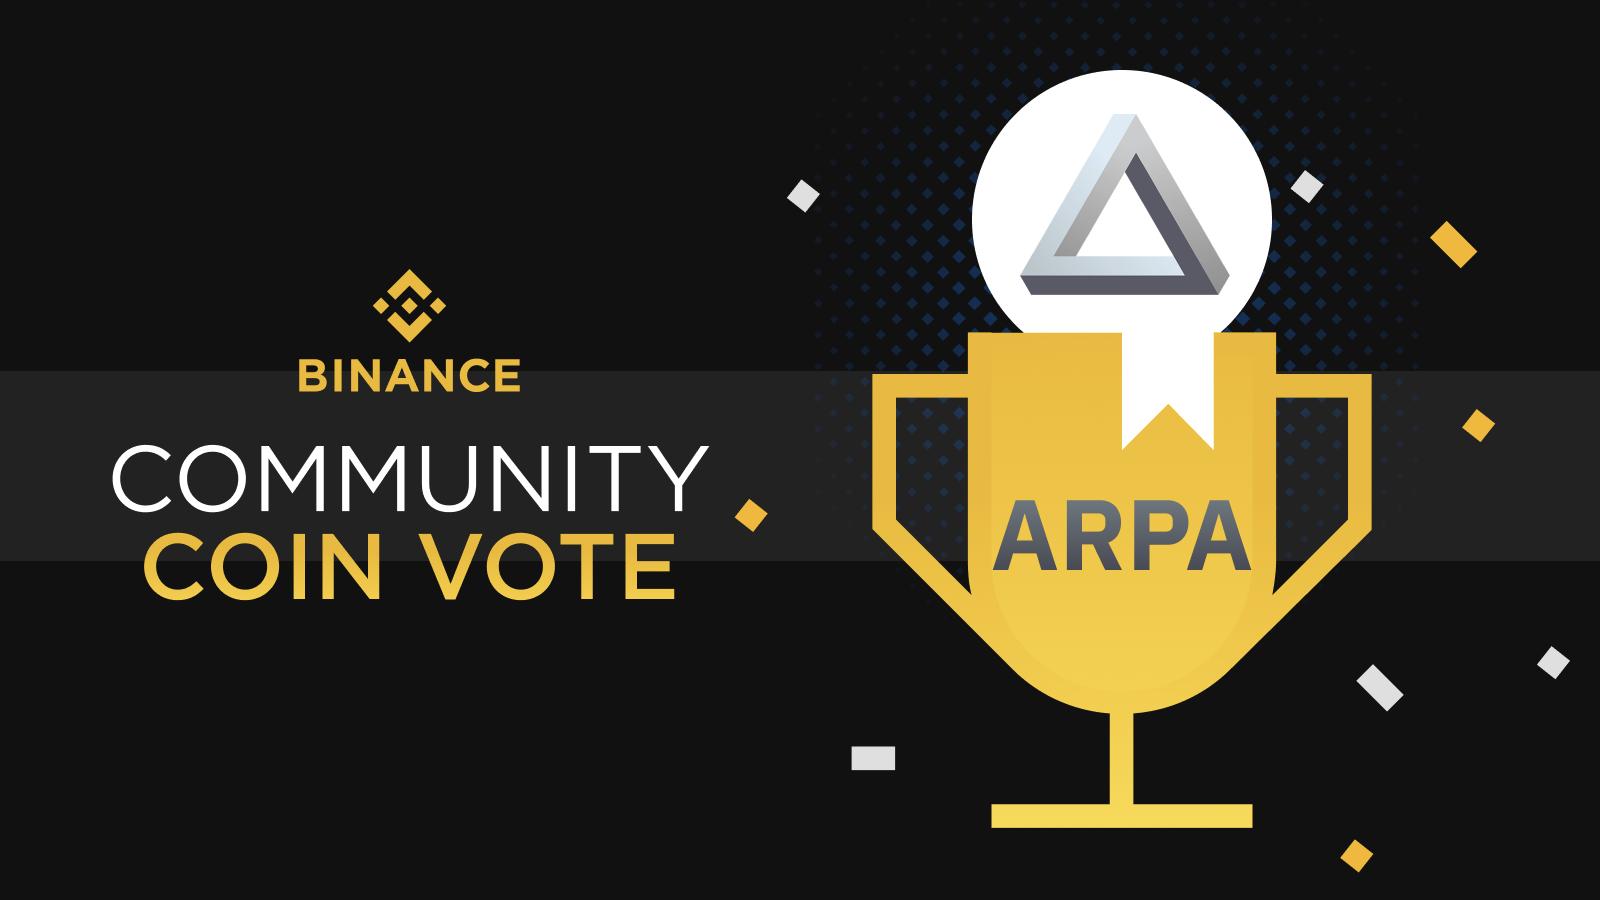 Community coin vote vòng 2